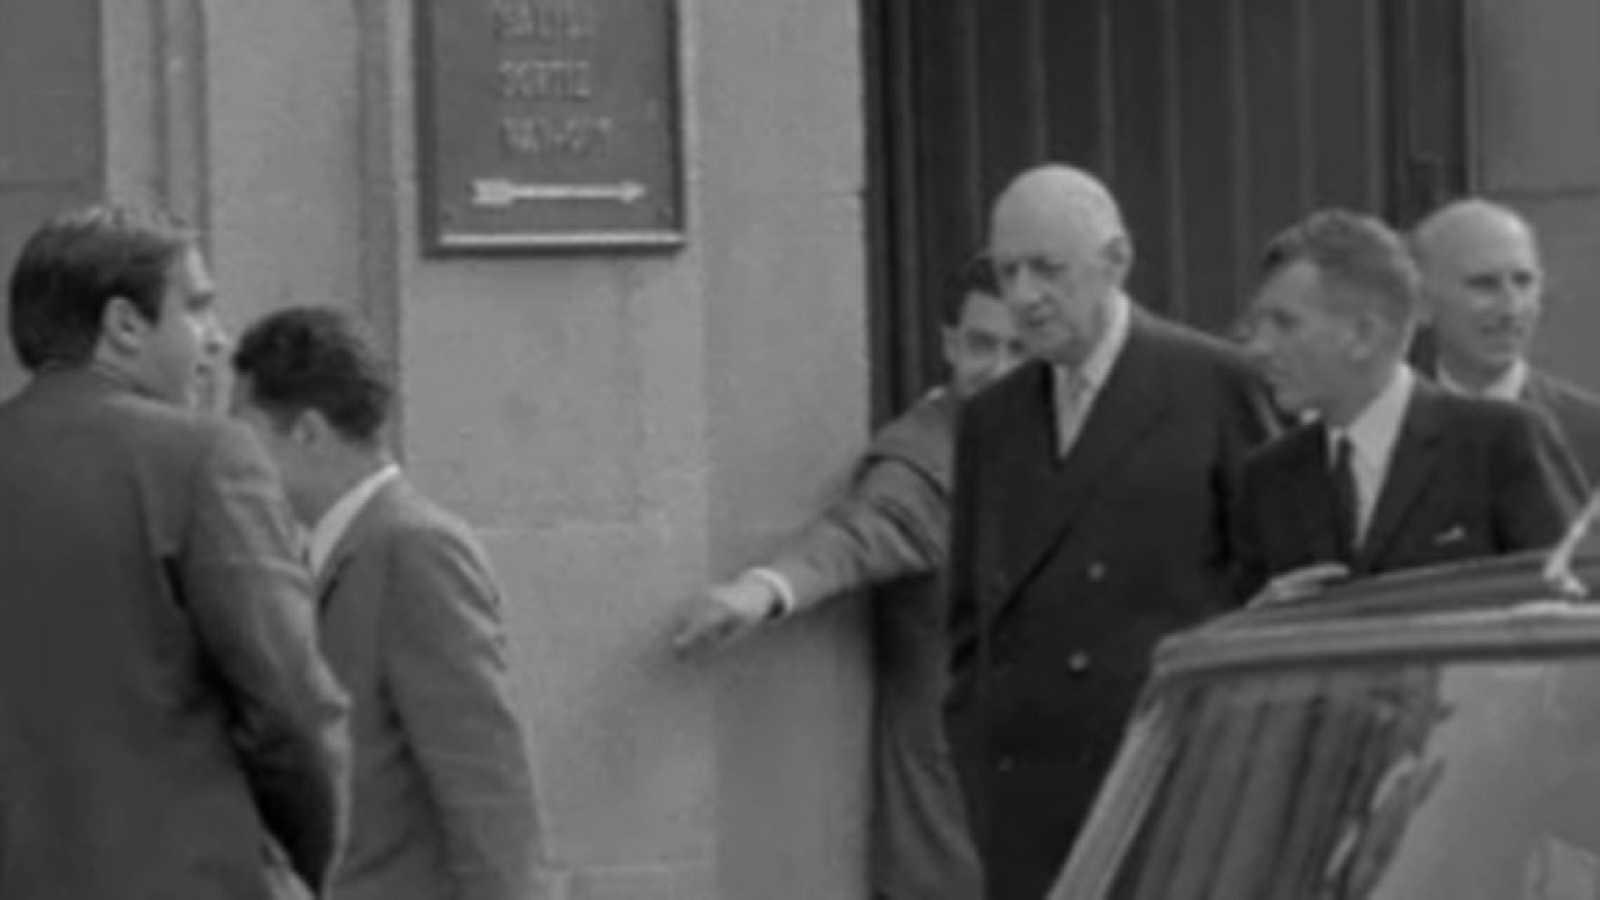 Noticias Nacional 1970 - Visita de De Gaulle al Museo del Prado